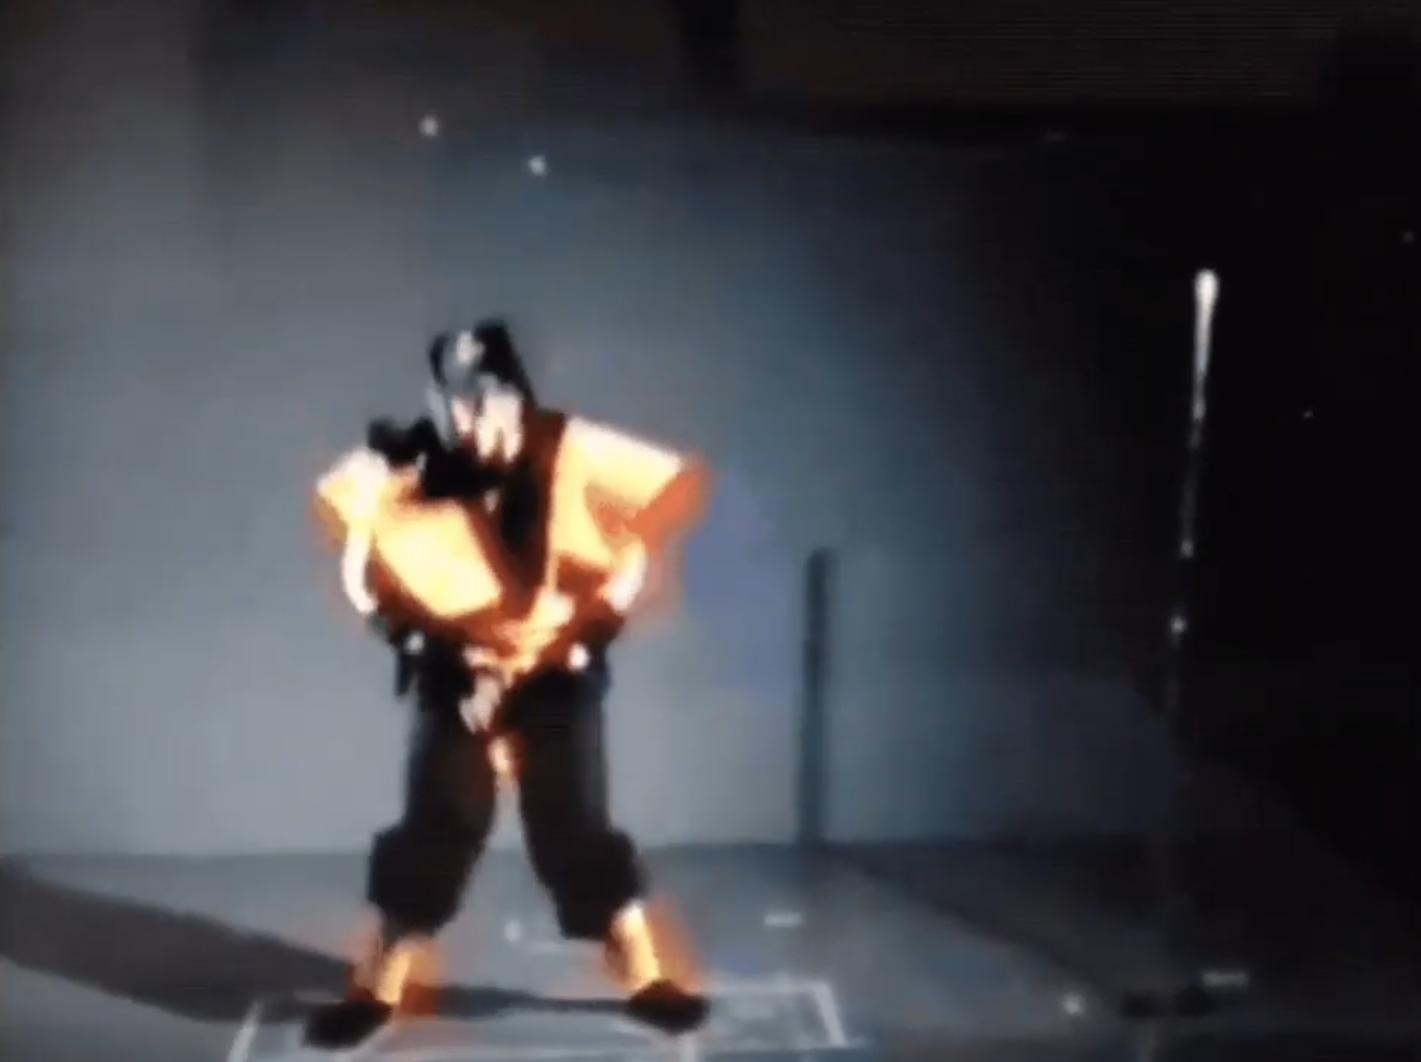 Как происходила съемка анимаций для первого Mortal Kombat - без гринскрина, разумеется